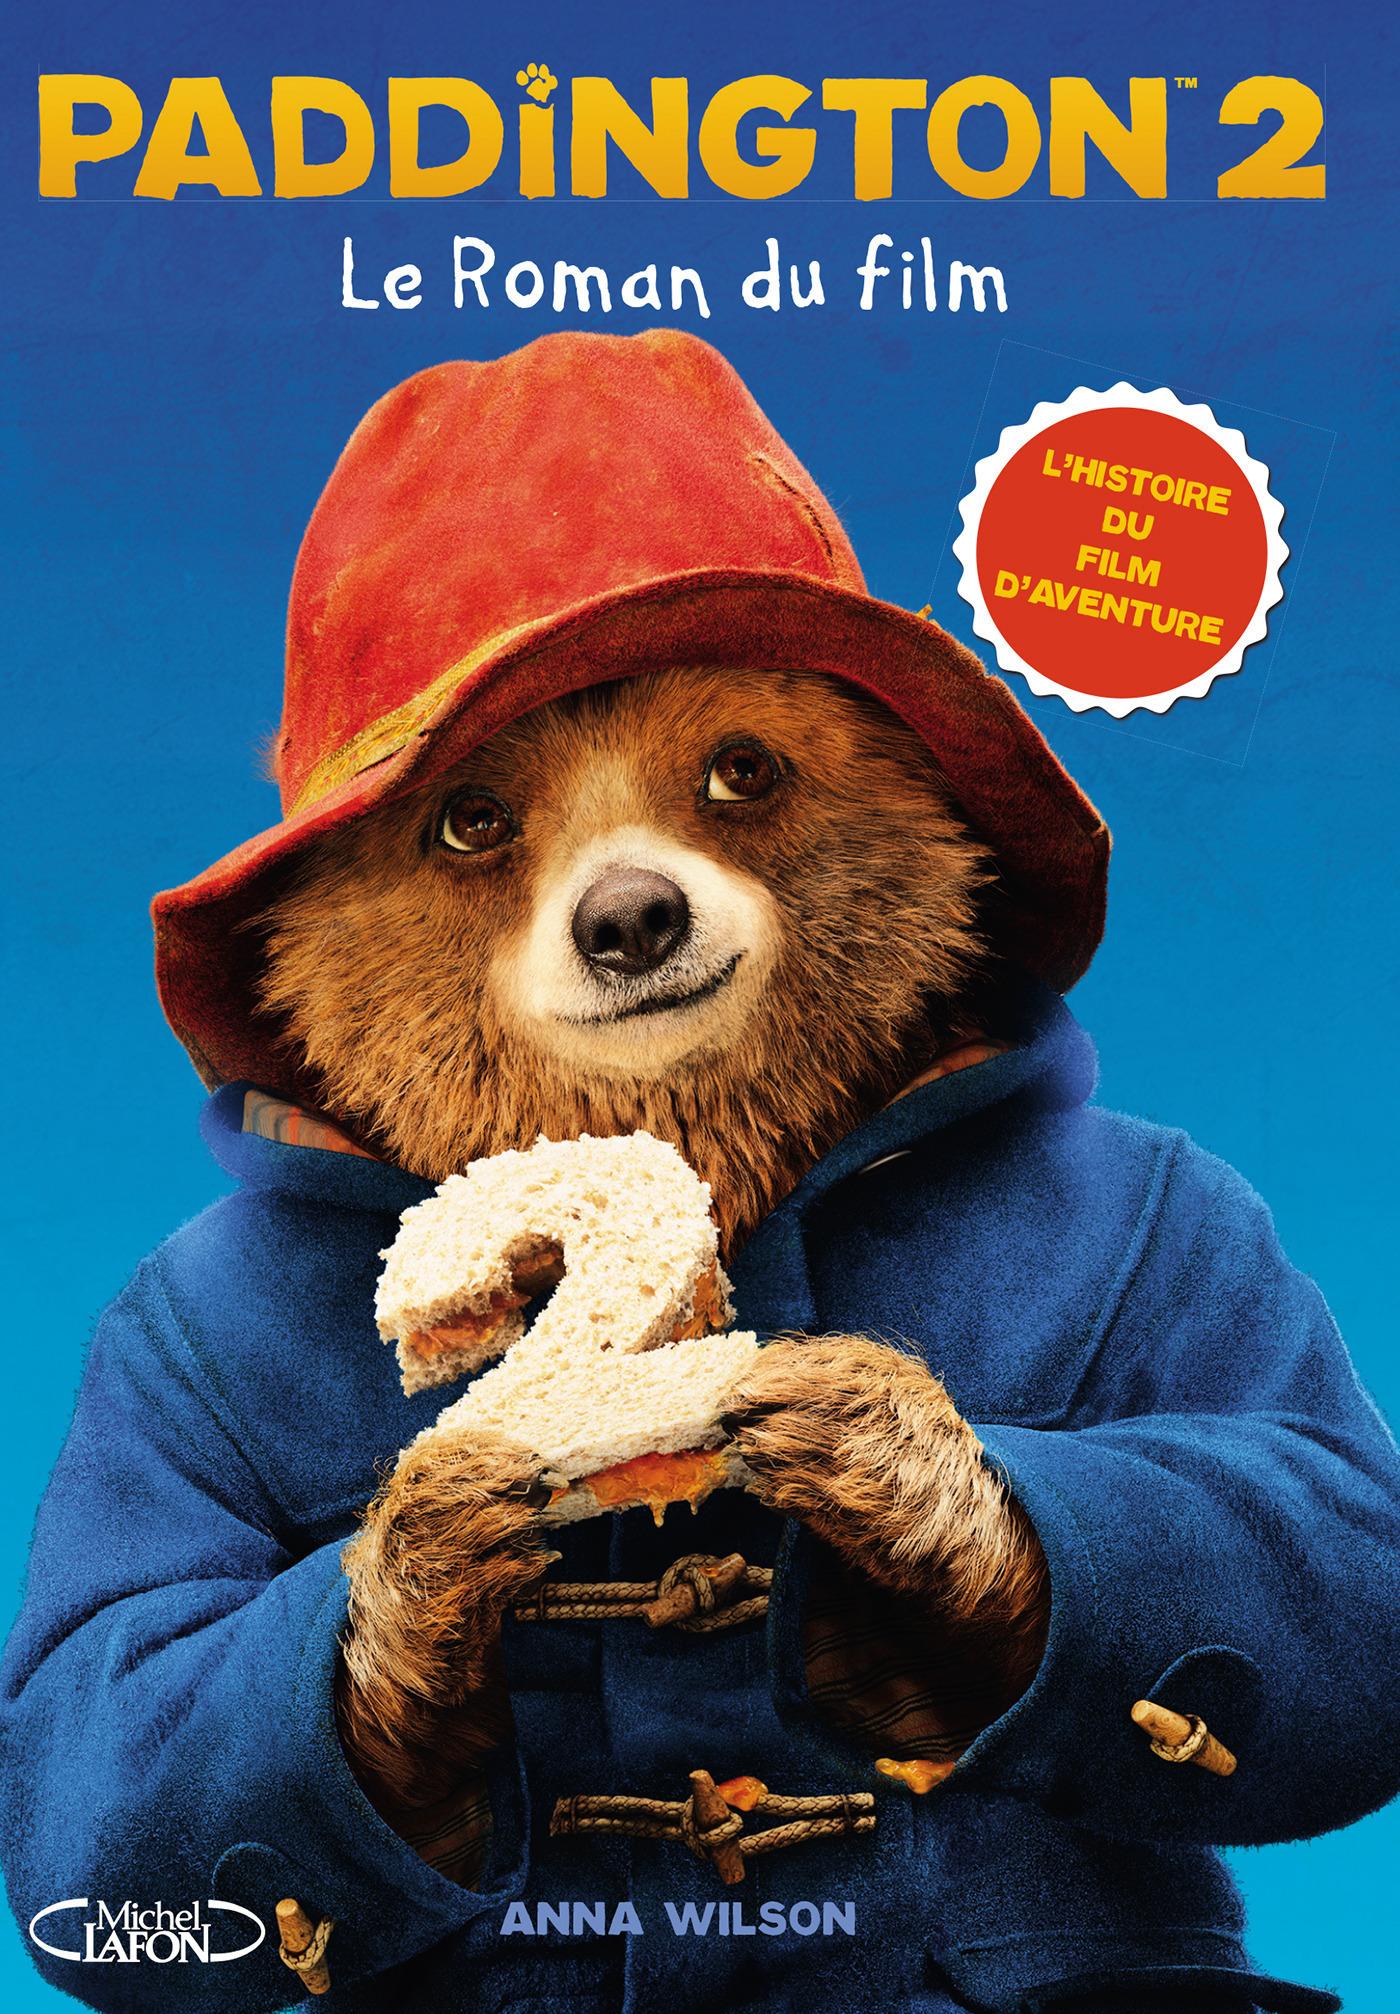 Paddington 2 - Le roman du film